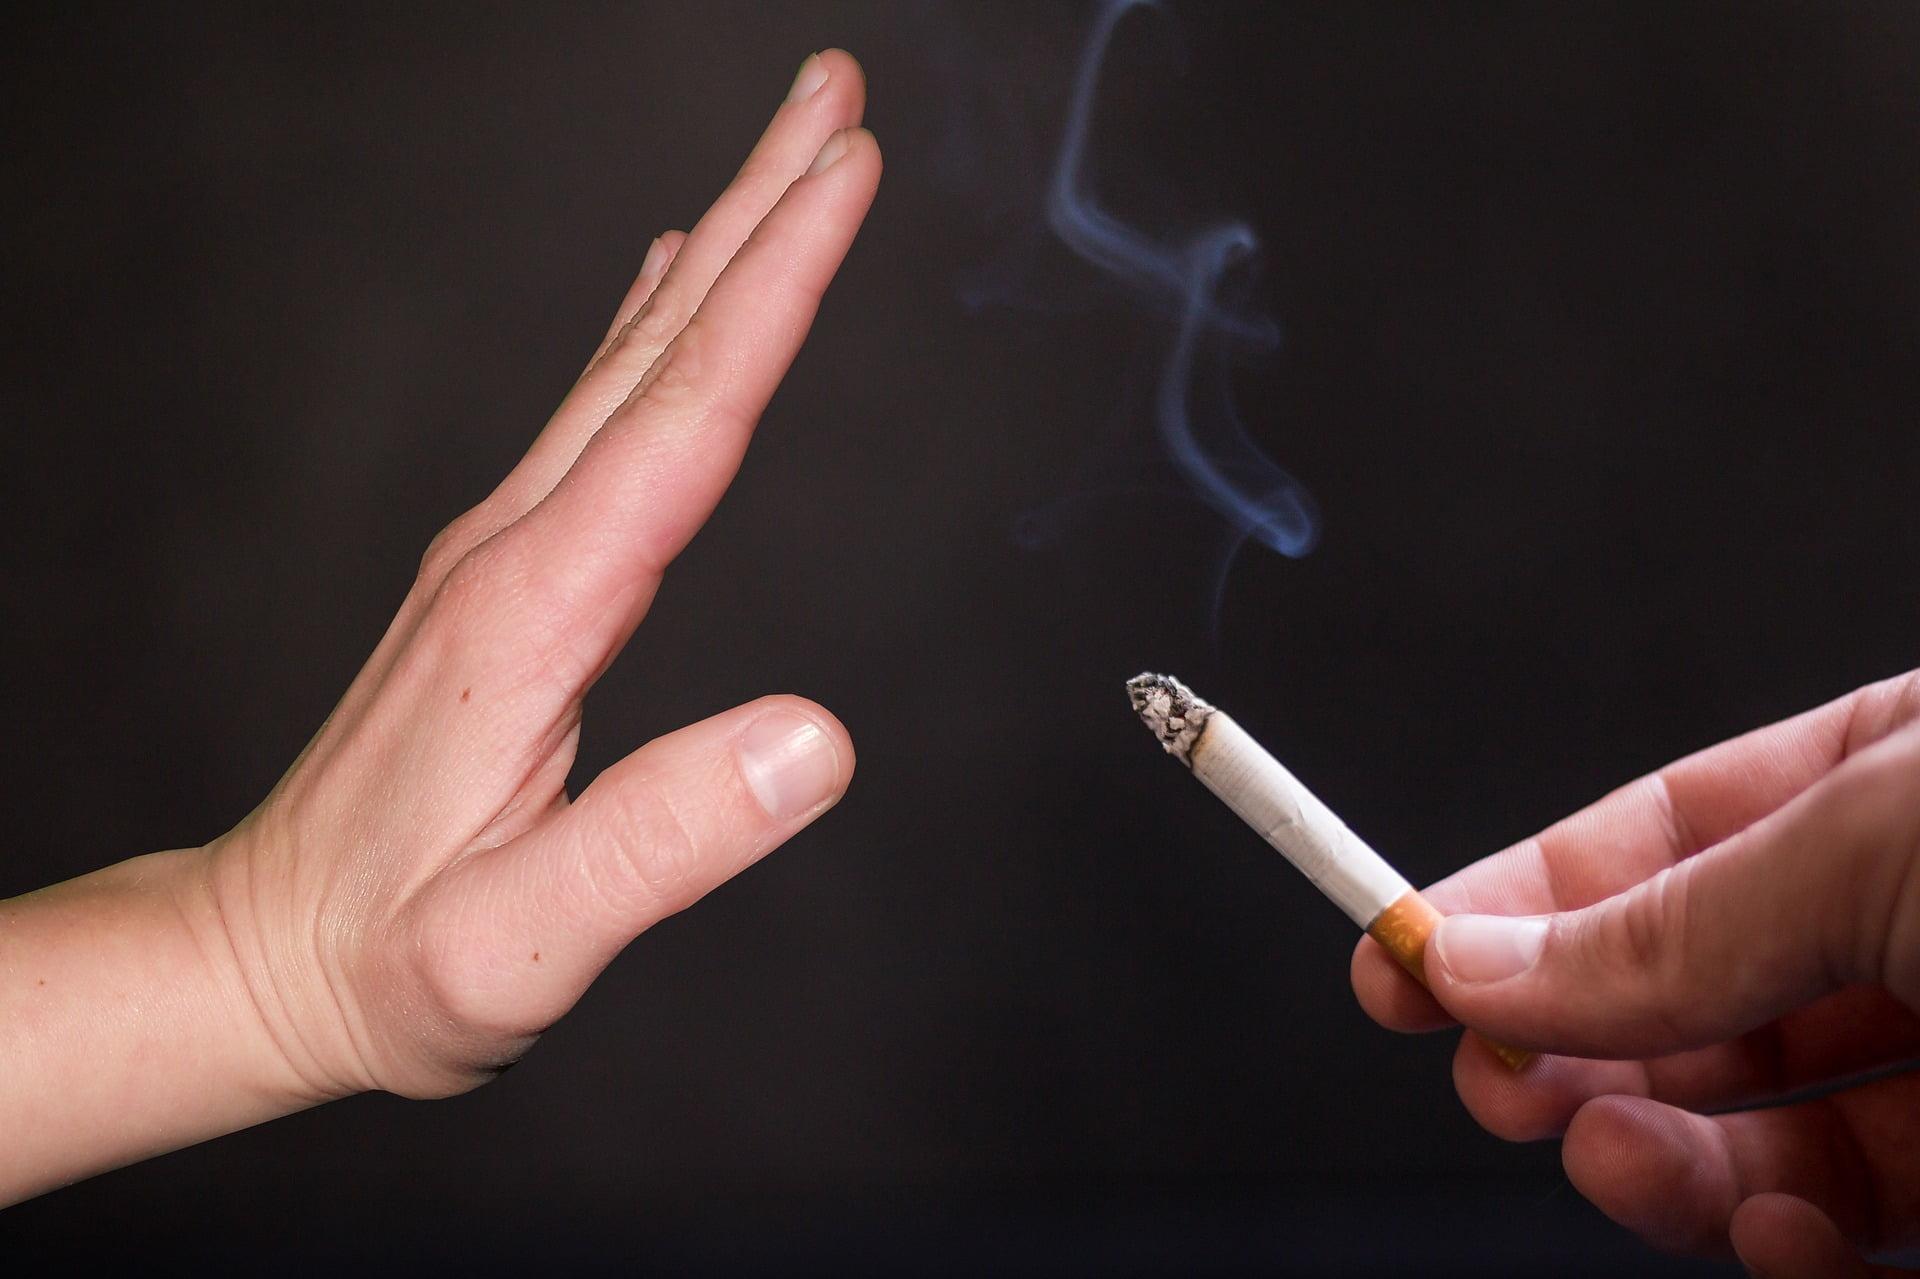 Doua saptamâni de tratament gratuit pentru cei care renunta la fumat